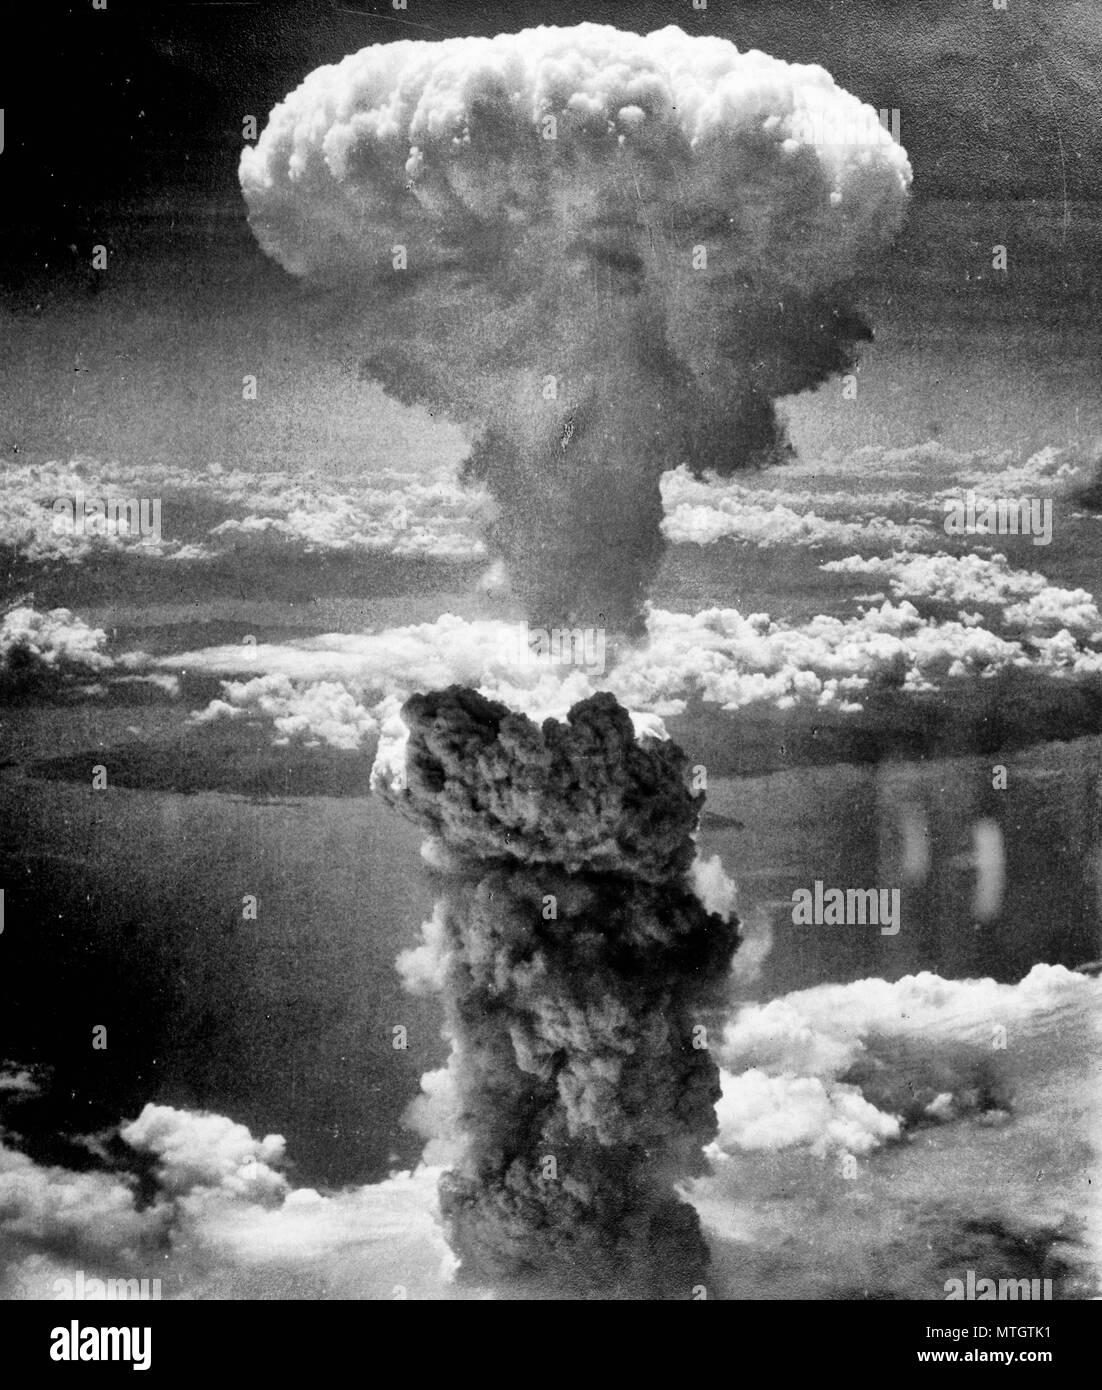 Atomic Cloud erhebt sich über Nagasaki, Japan - Atompilz über Nagasaki nach der Atombombe am 9. August 1945. Von der North West übernommen. Stockfoto